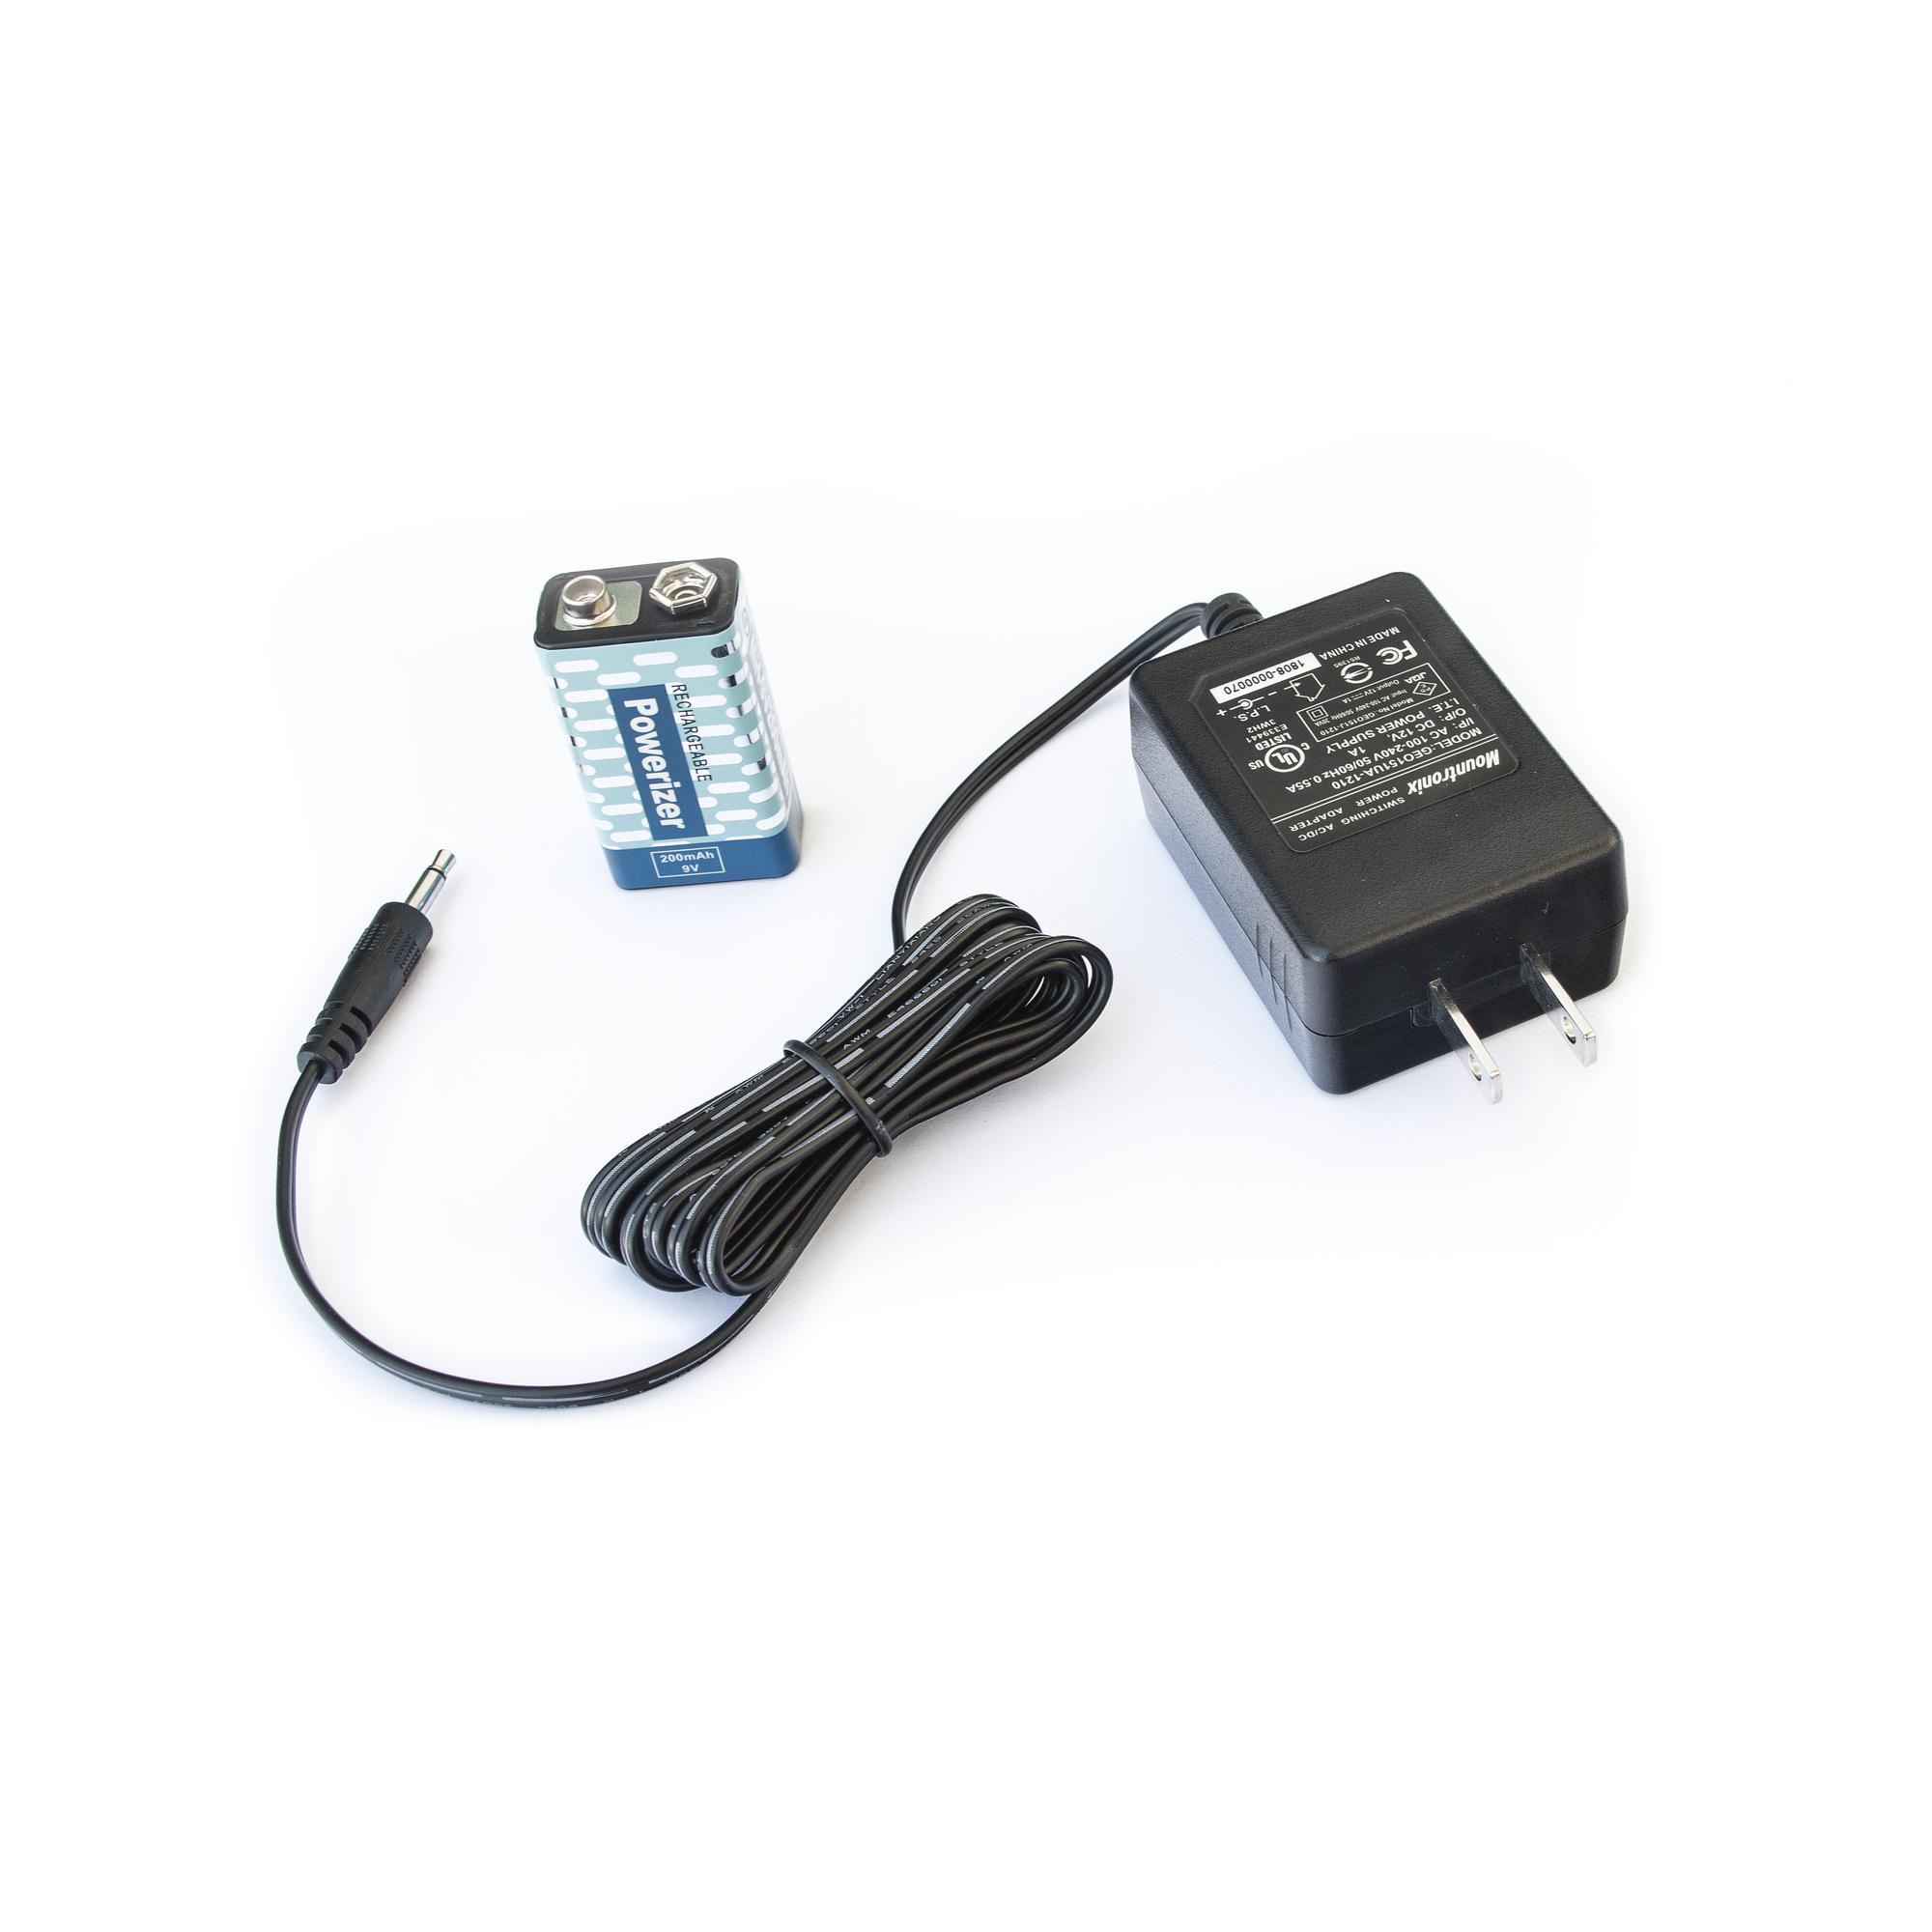 Cargador y batería recargable de 9 VCD para detector portátil RANGER1000 / RANGER15000